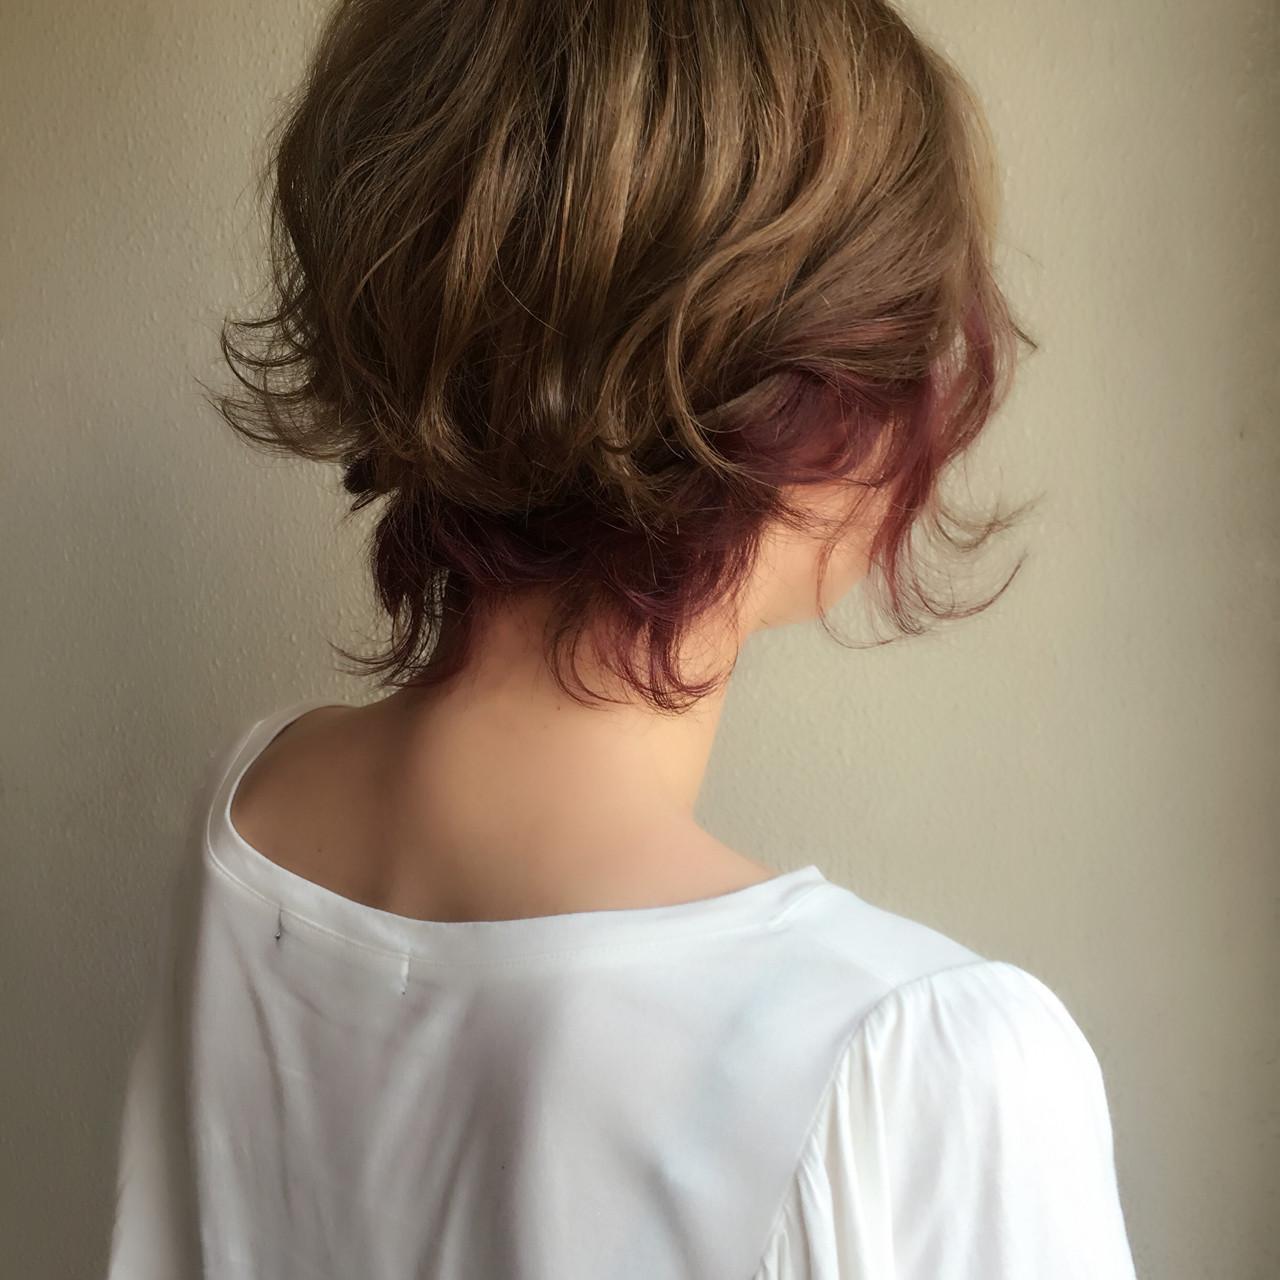 ストリート 波ウェーブ ヘアアレンジ ショート ヘアスタイルや髪型の写真・画像